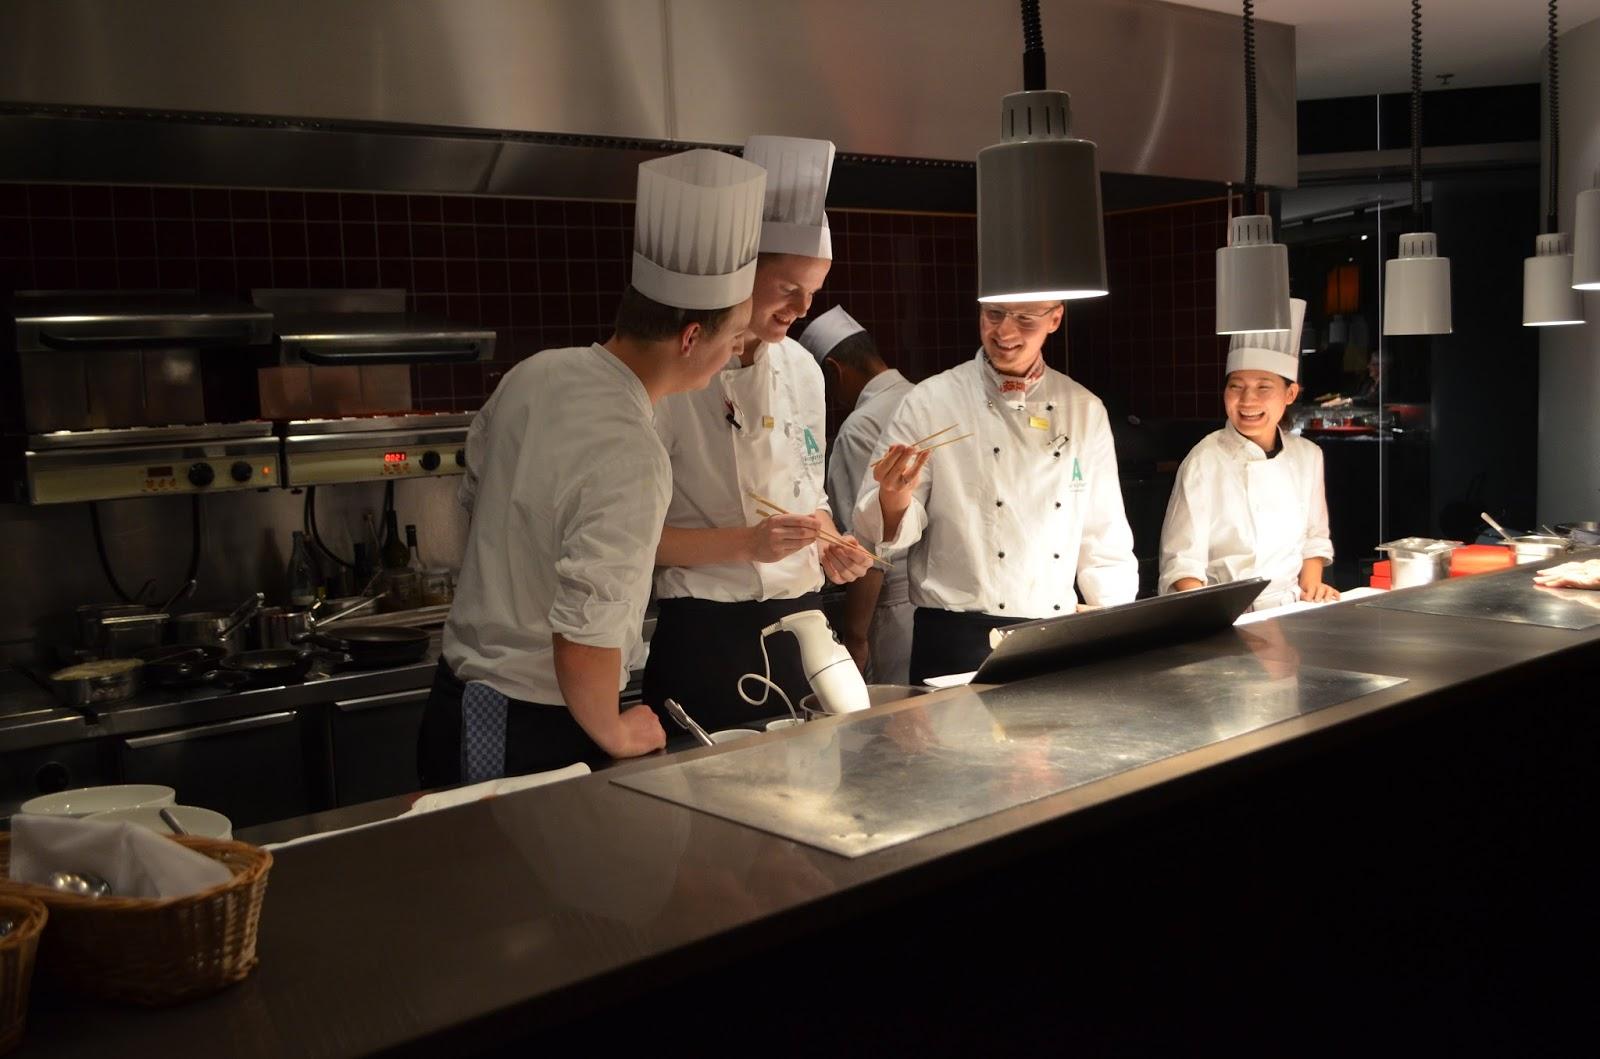 Berühmt Dekorationen Für Küchenparty Ideen - Küchenschrank Ideen ...